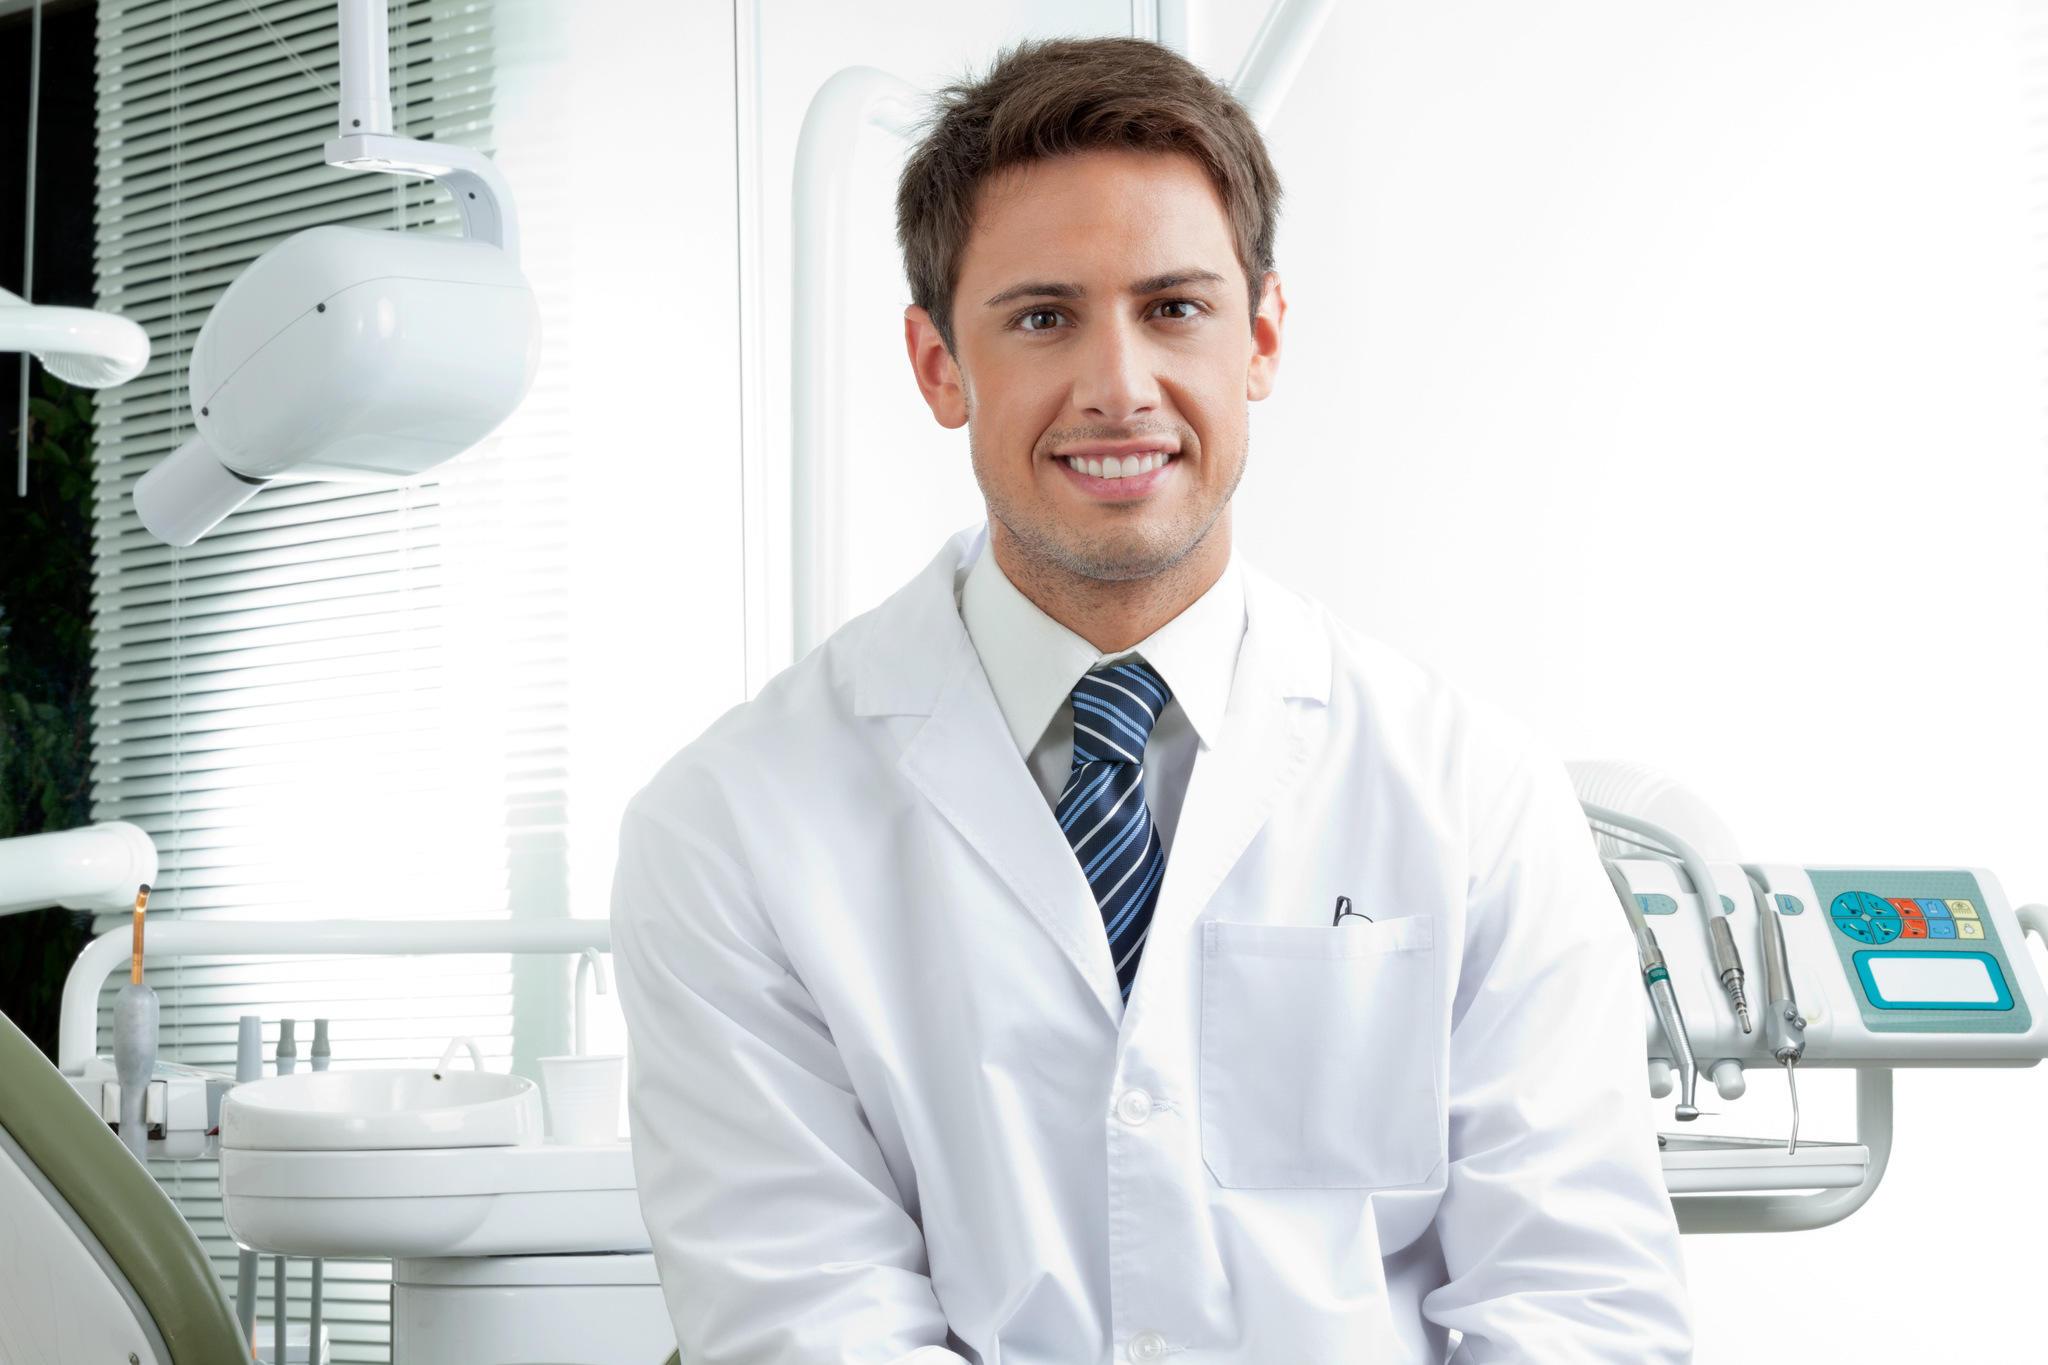 especialização em ortodontia da smile